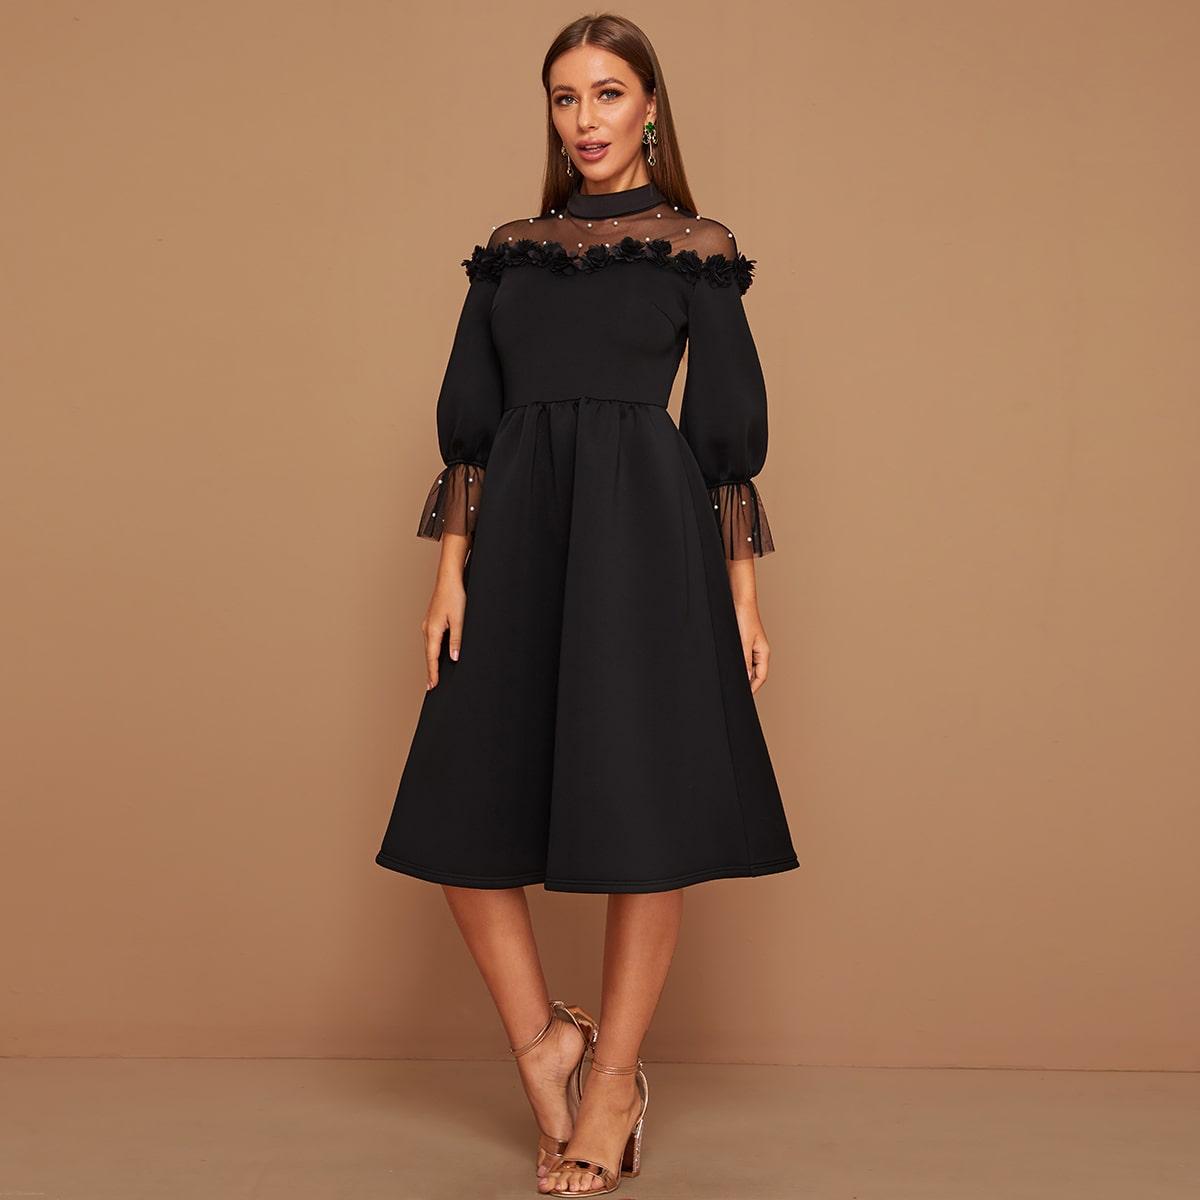 Kleid mit Netzstoff, Perlen und 3D Applikation